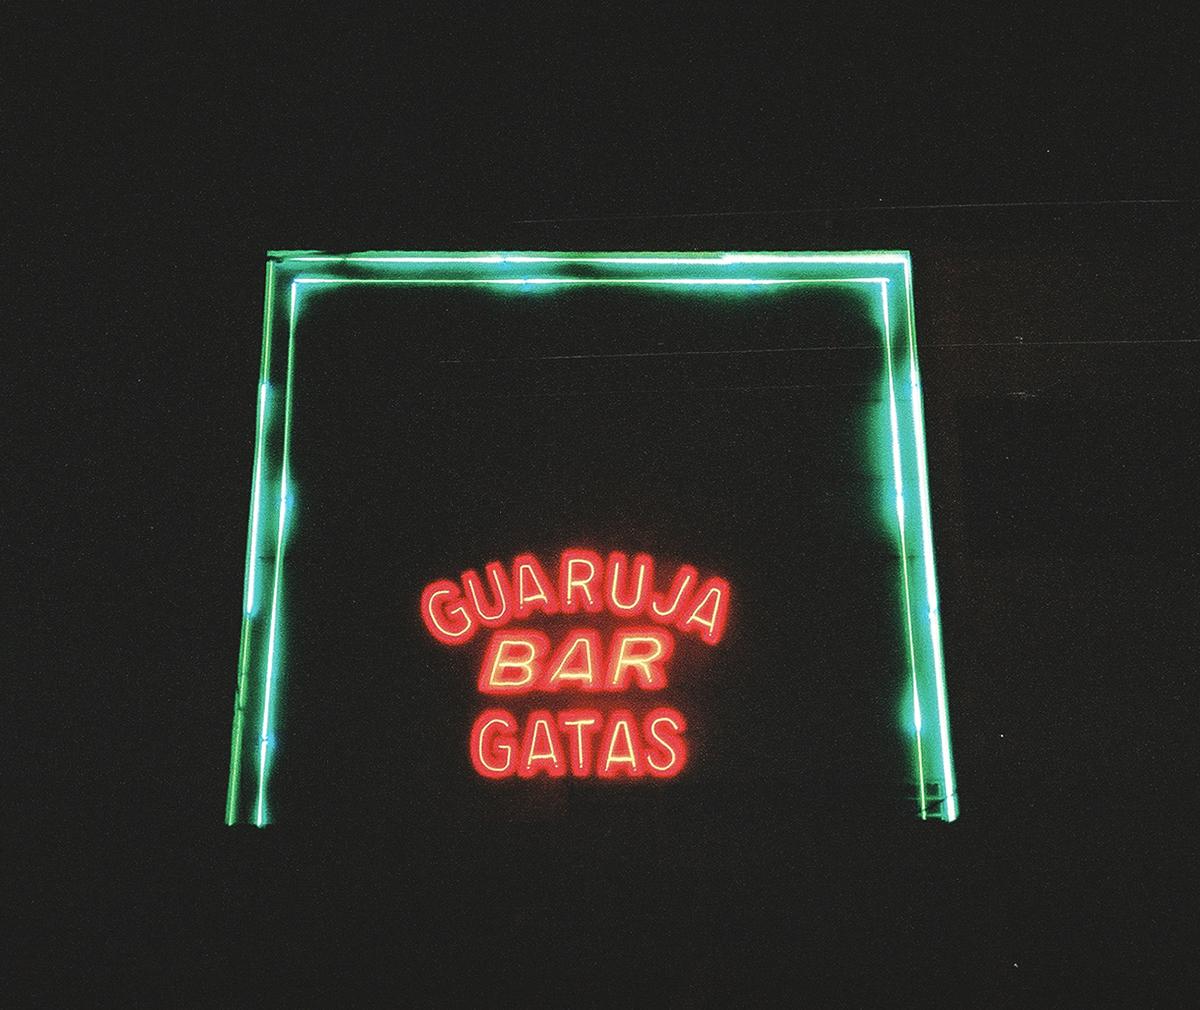 2013_35mm_bargatas.jpg